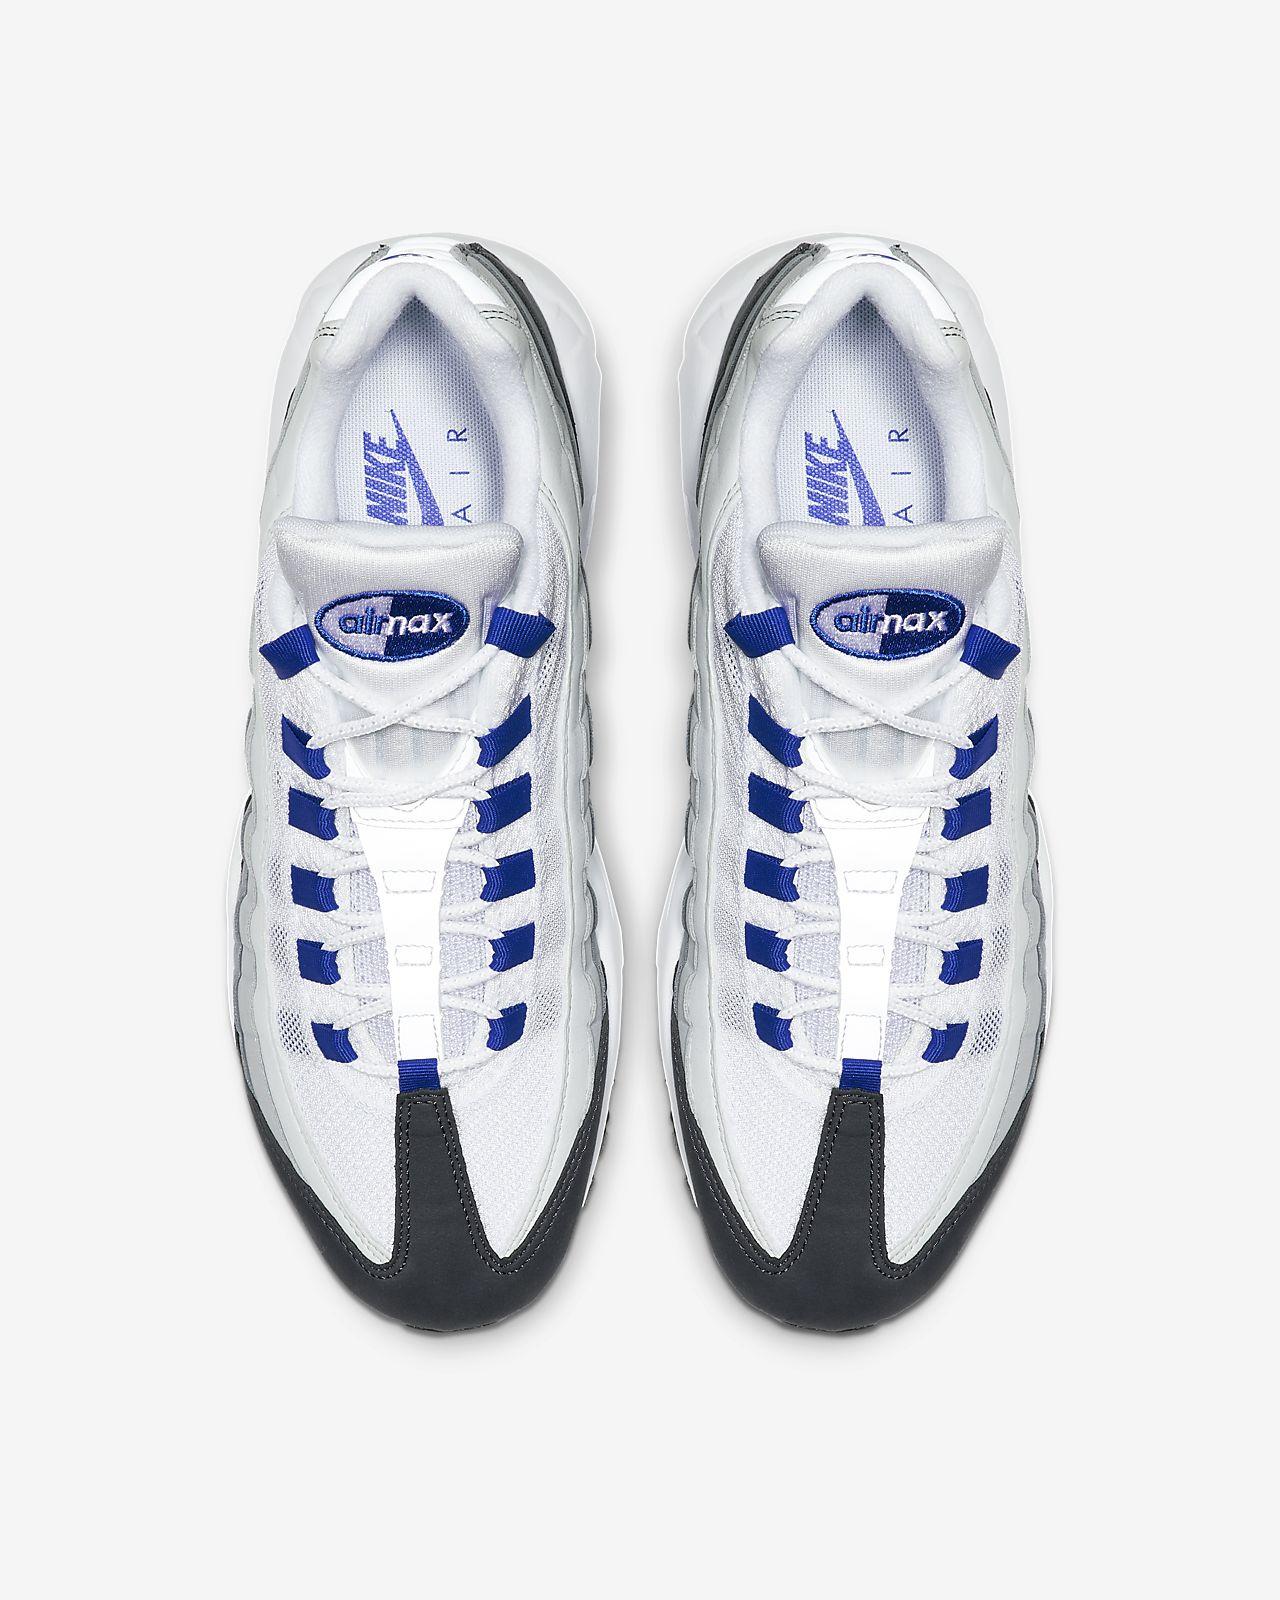 Nike Air Max 95 SC Weiß Blau CJ4595 100 |